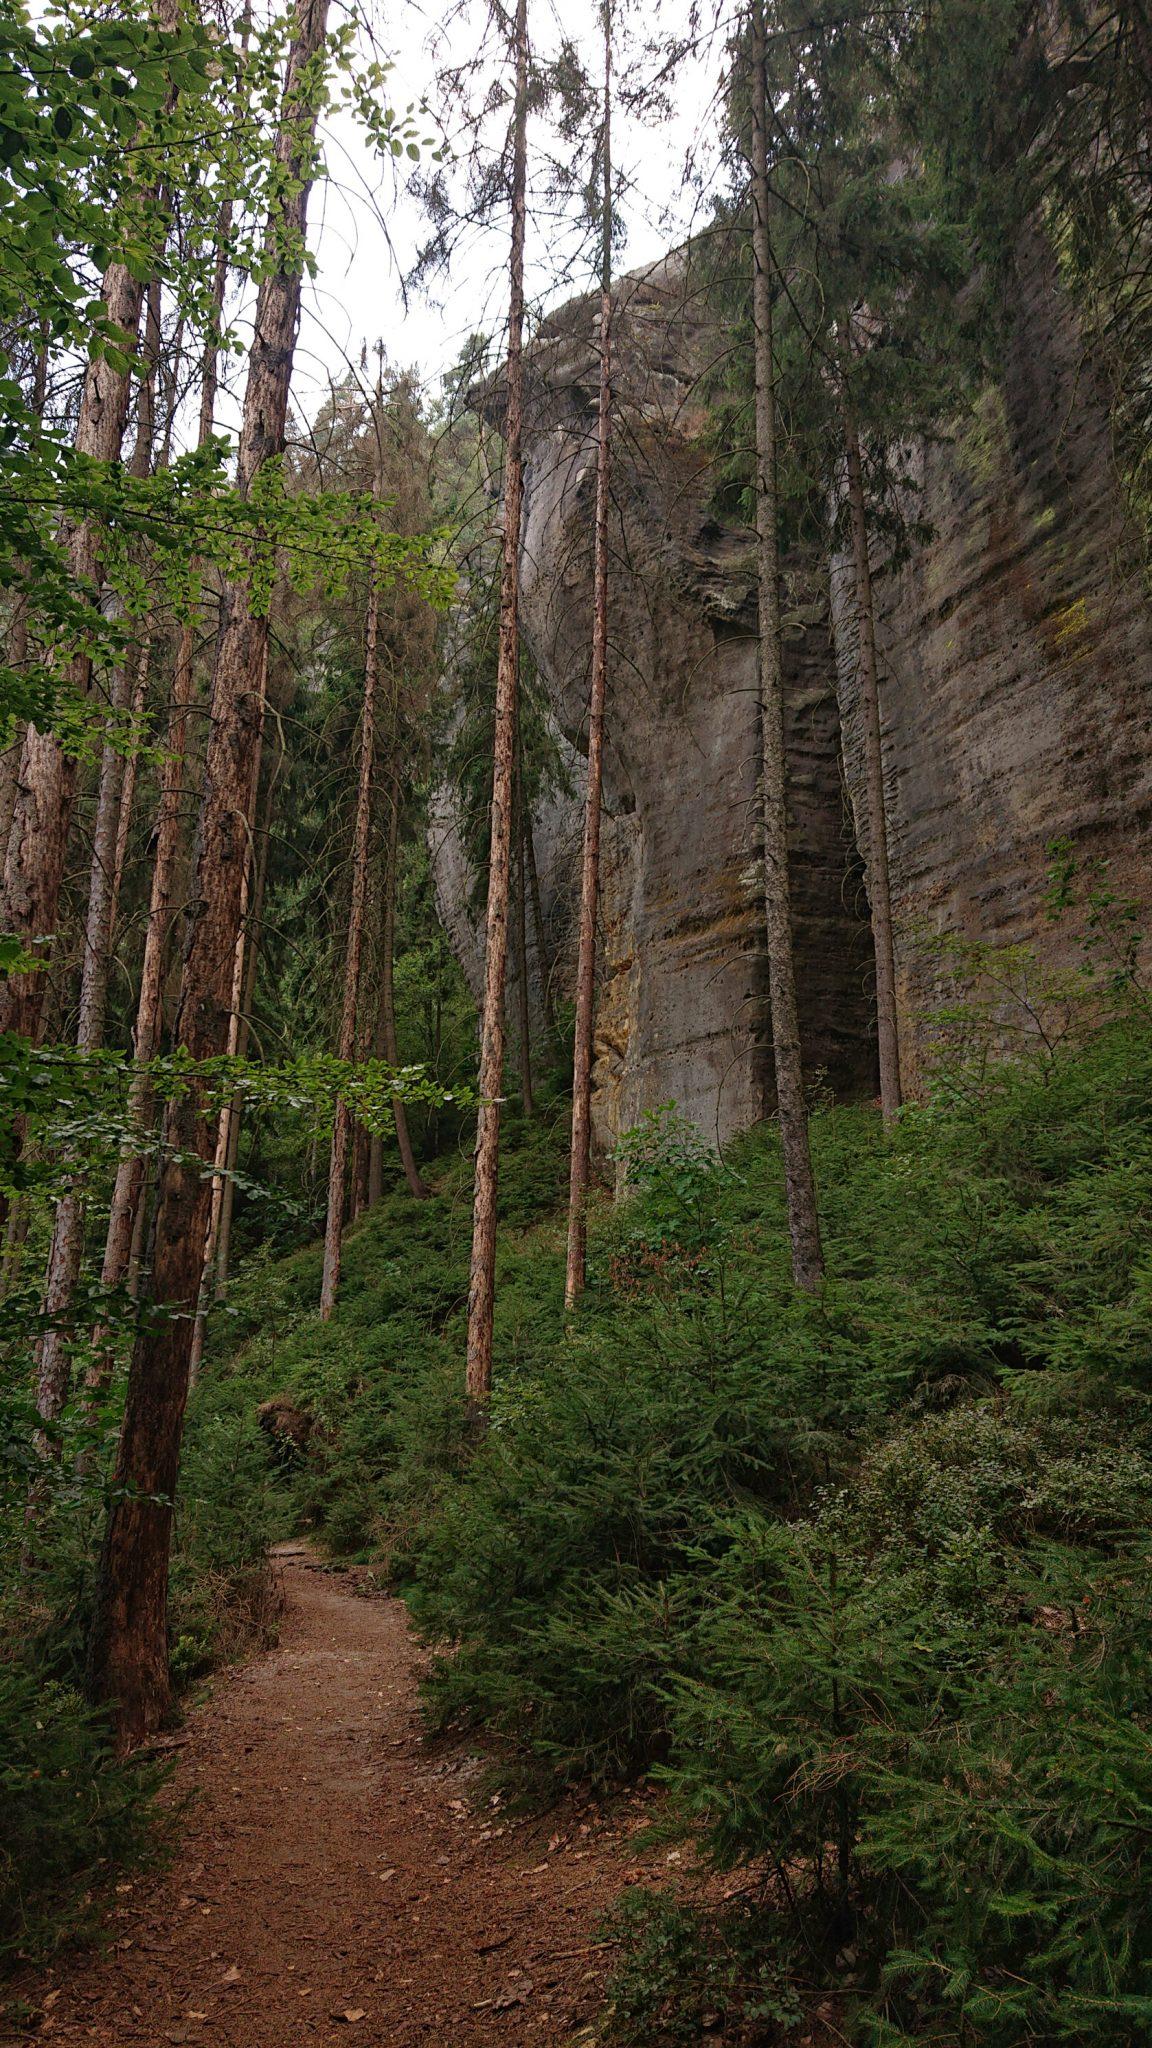 Affensteinweg Frienstein Carolafelsen und Wilde Hölle, Wanderweg im Wanderparadies Sächsische Schweiz mit vielen tollen Aussichten, riesiger Felsennationalpark, schöner Wald, Weg zu Idagrotte